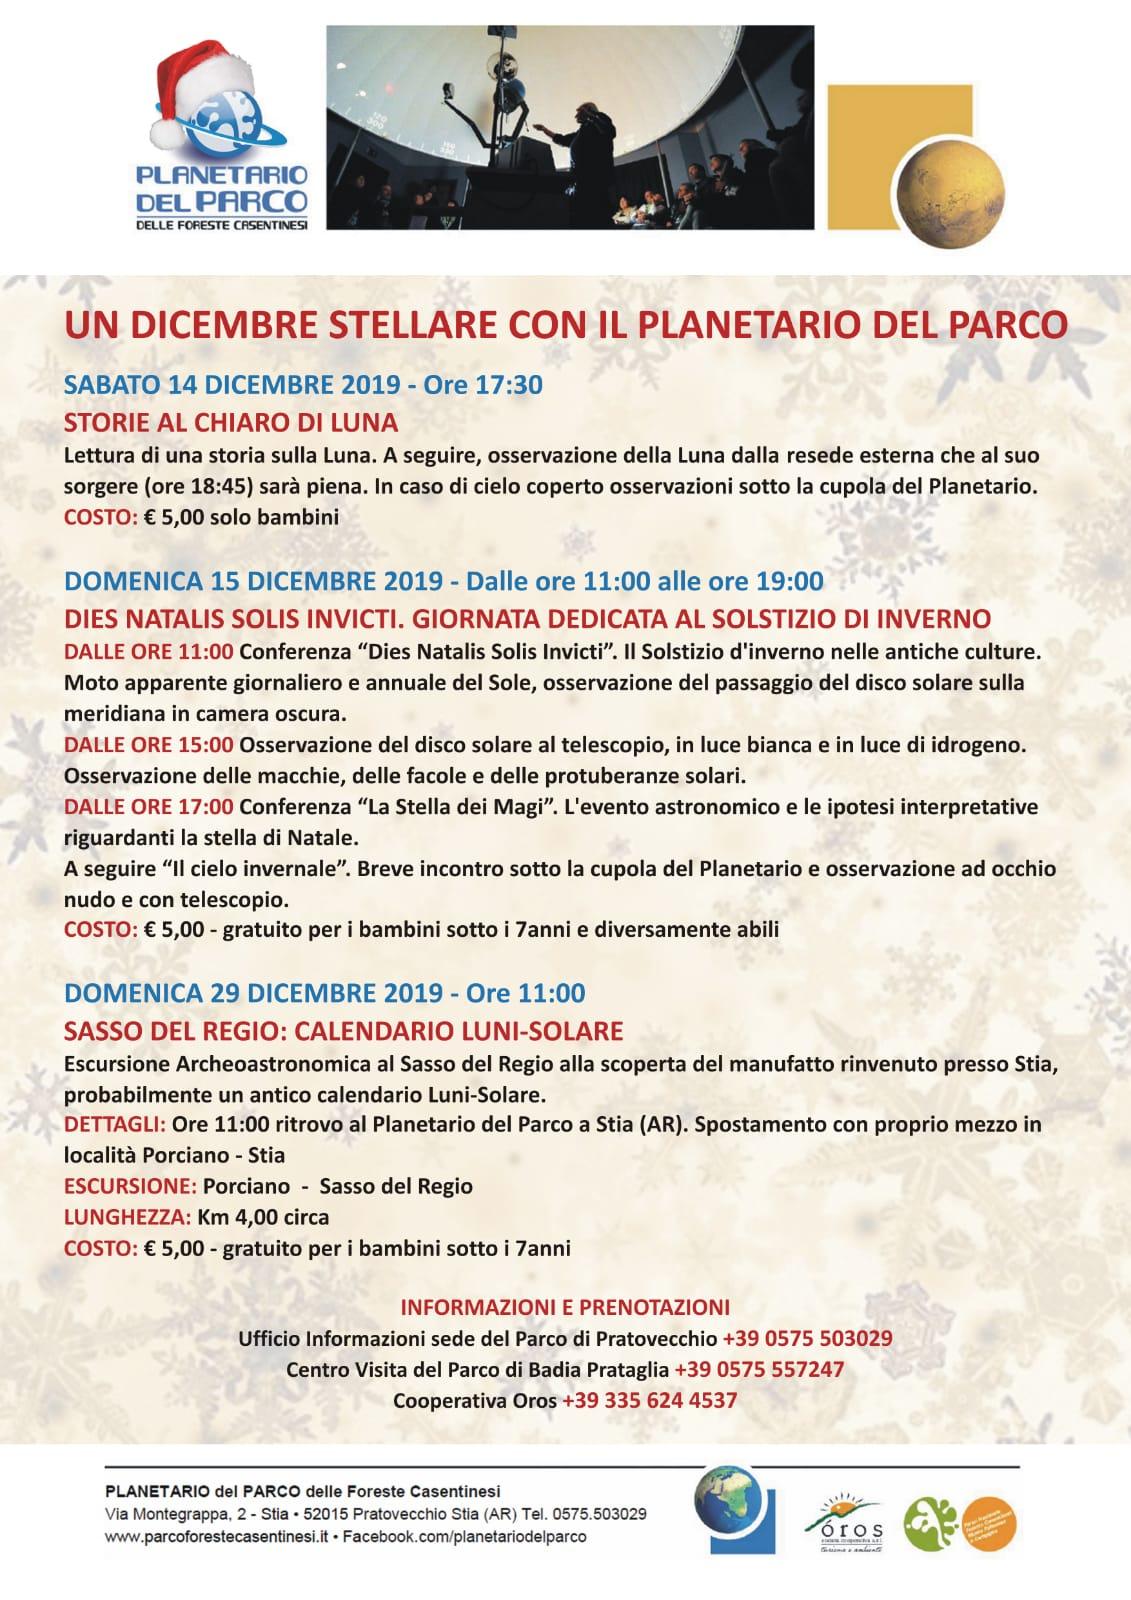 Un Dicembre stellare con il Planetario del Parco